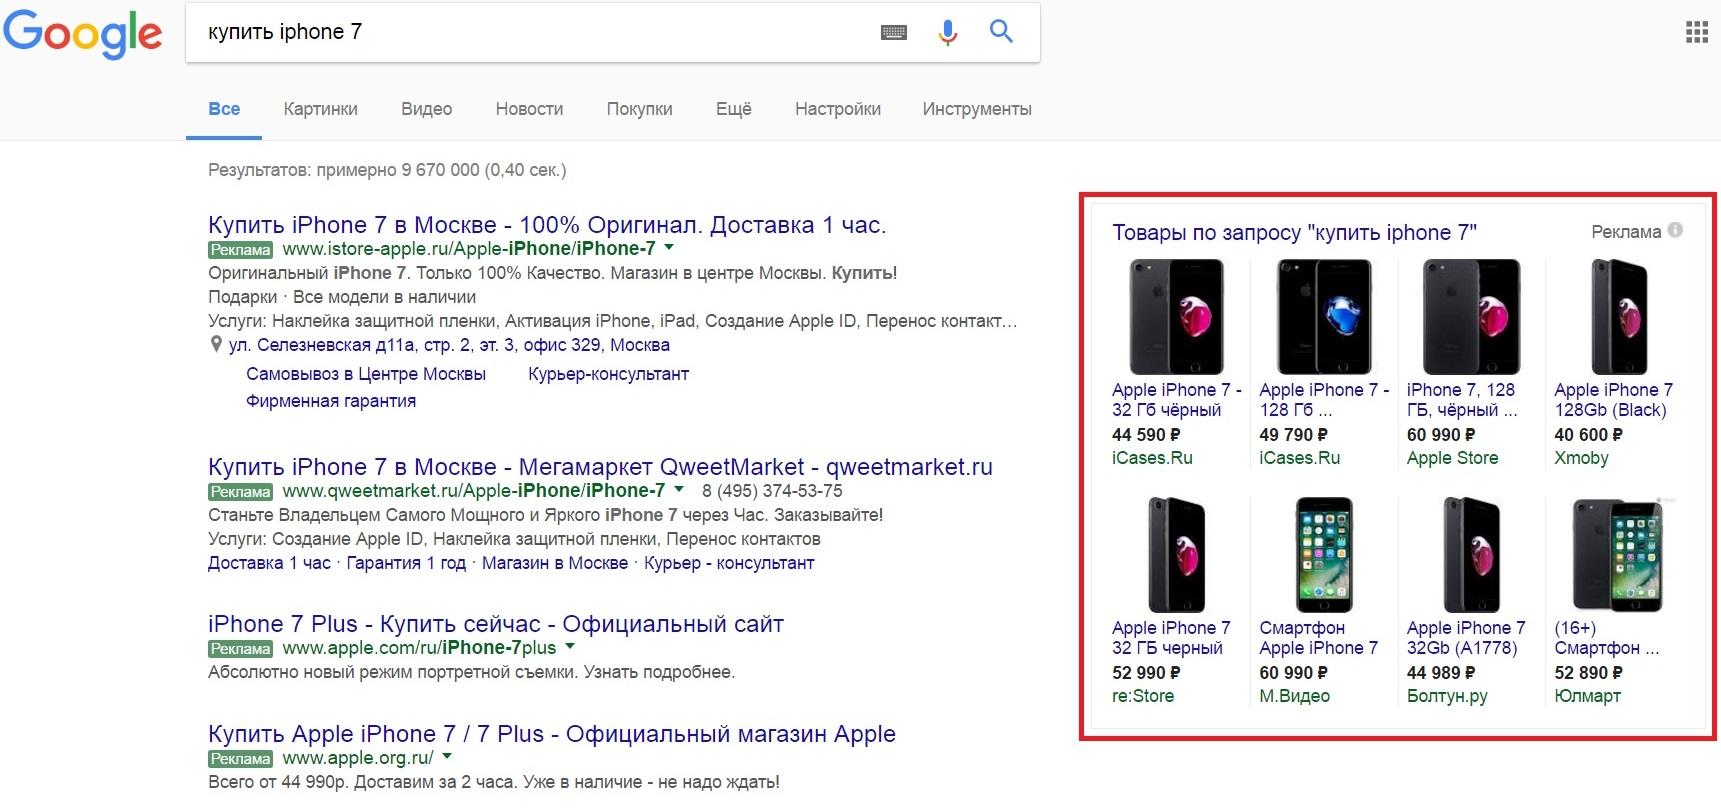 Товарные объявления Google на поиске